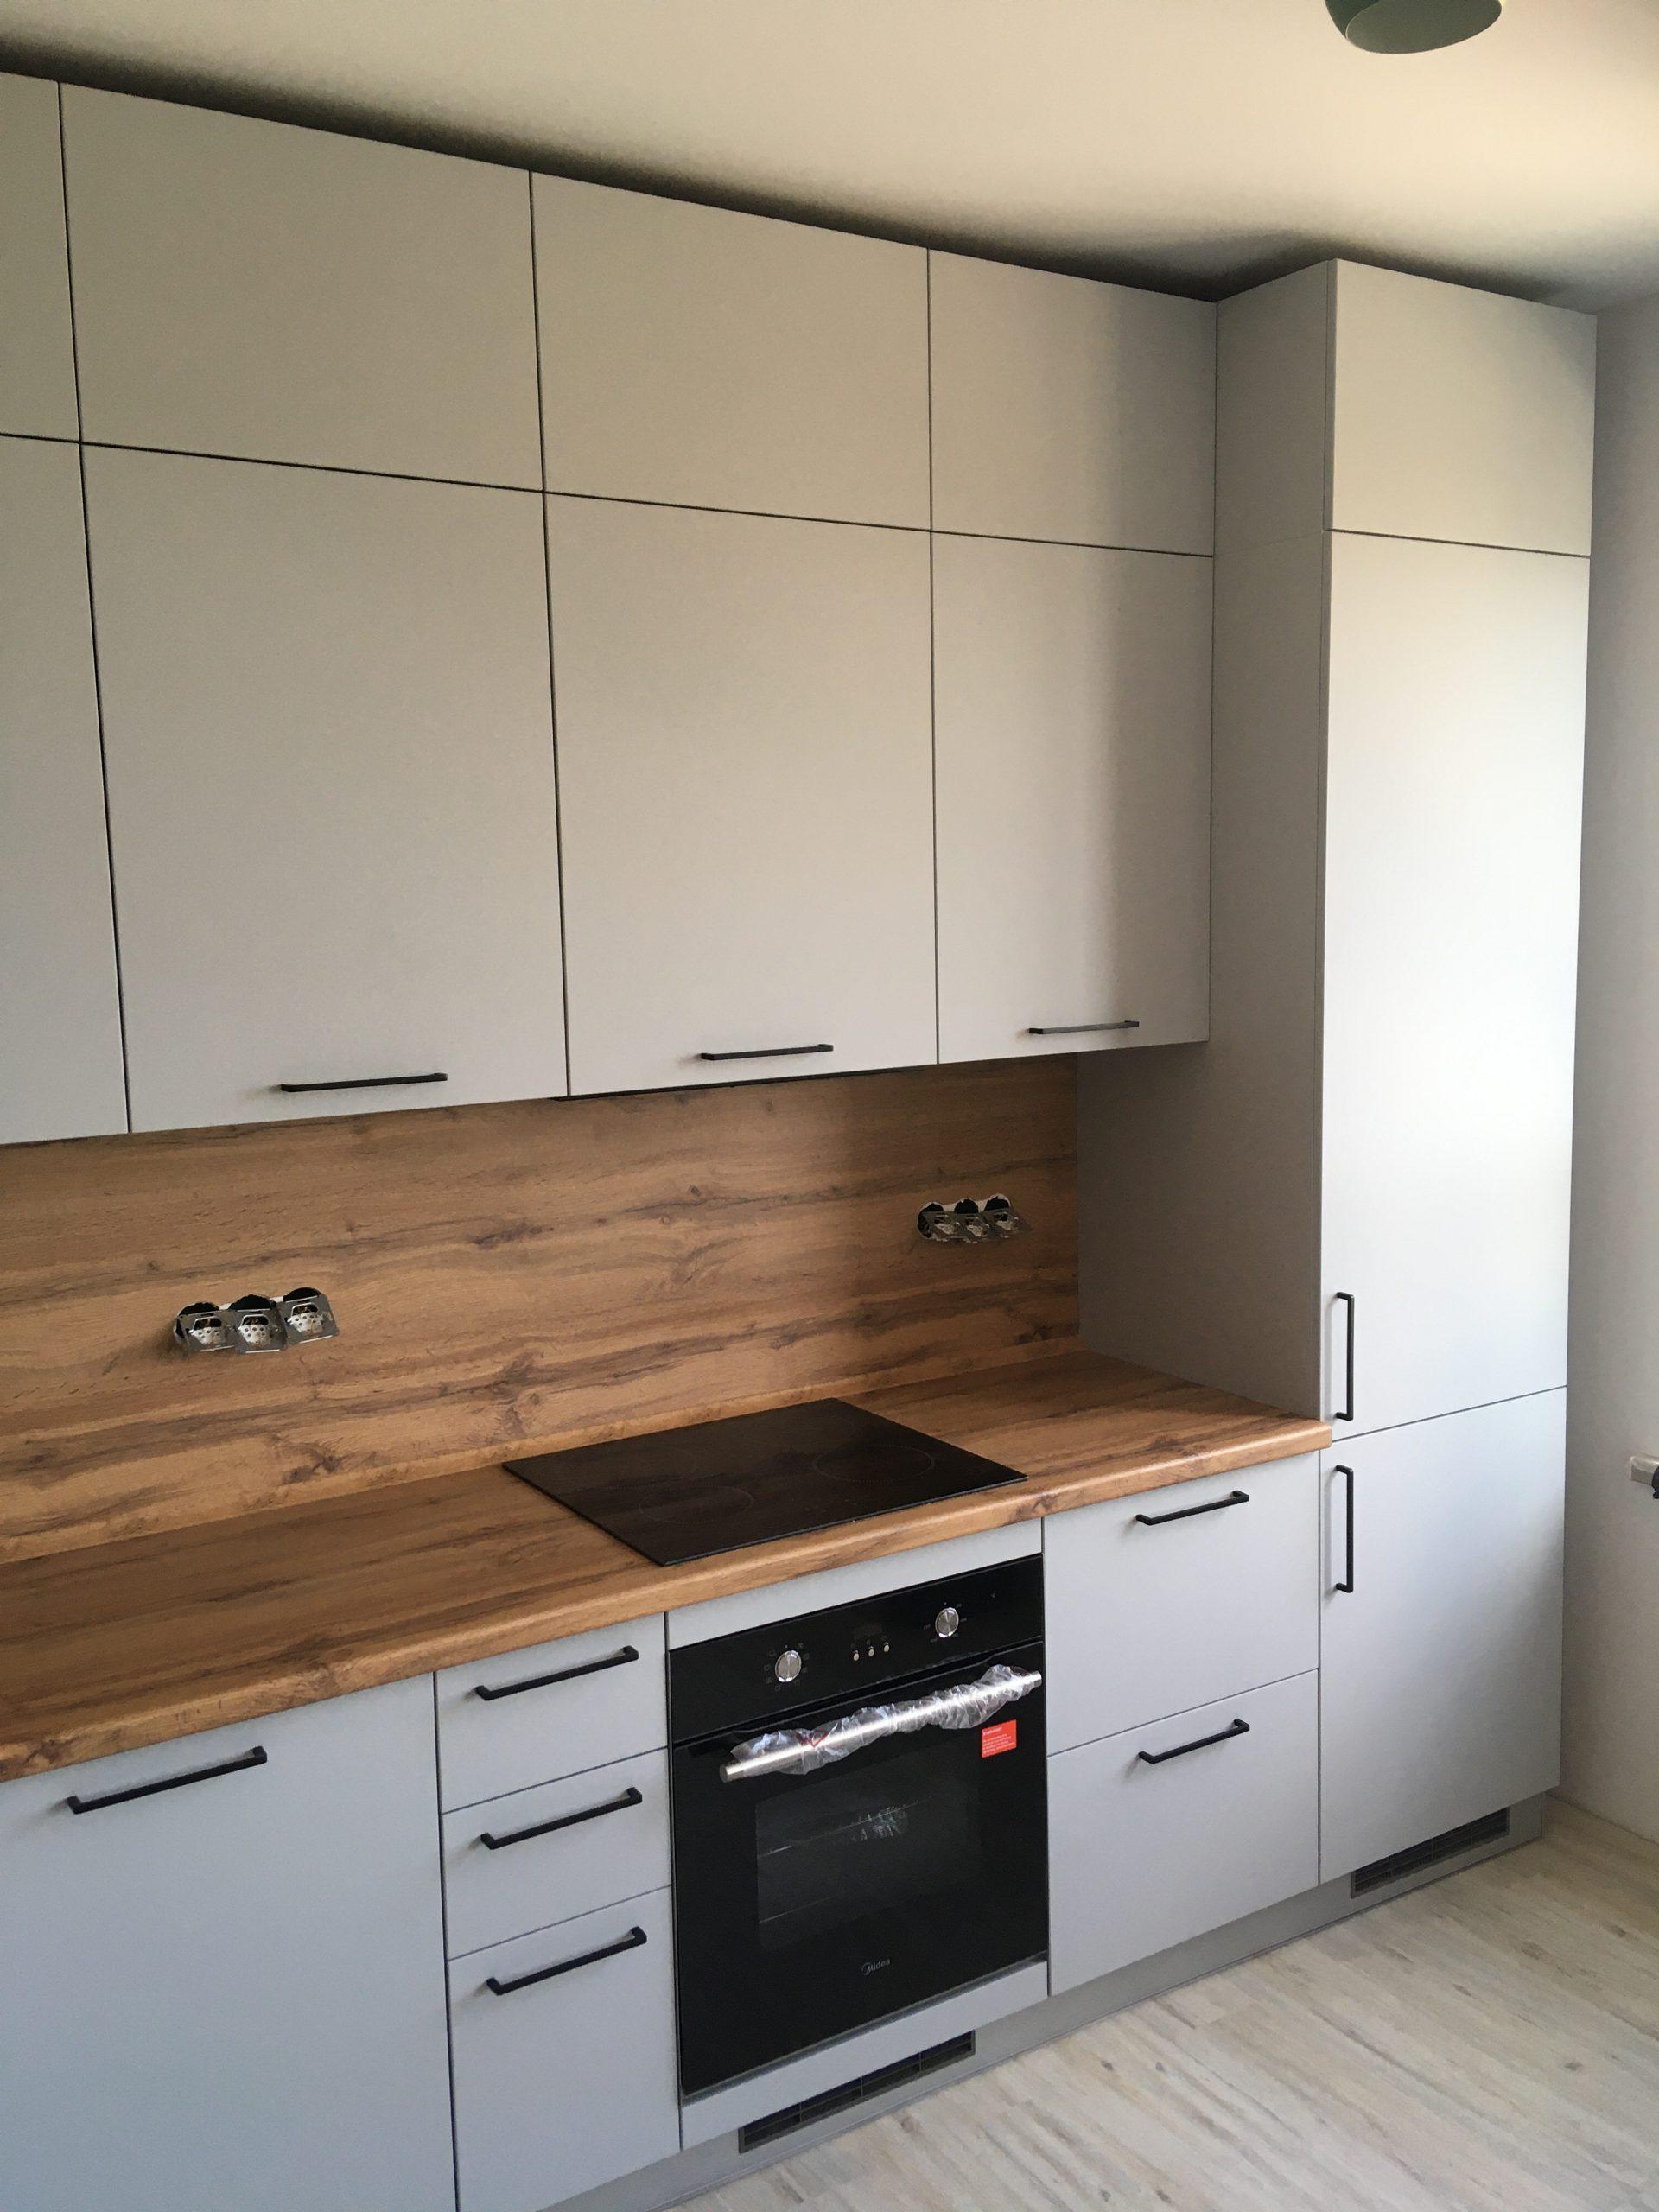 Второе фото Серая кухня с фасадами ПВХ под потолок с антресолями